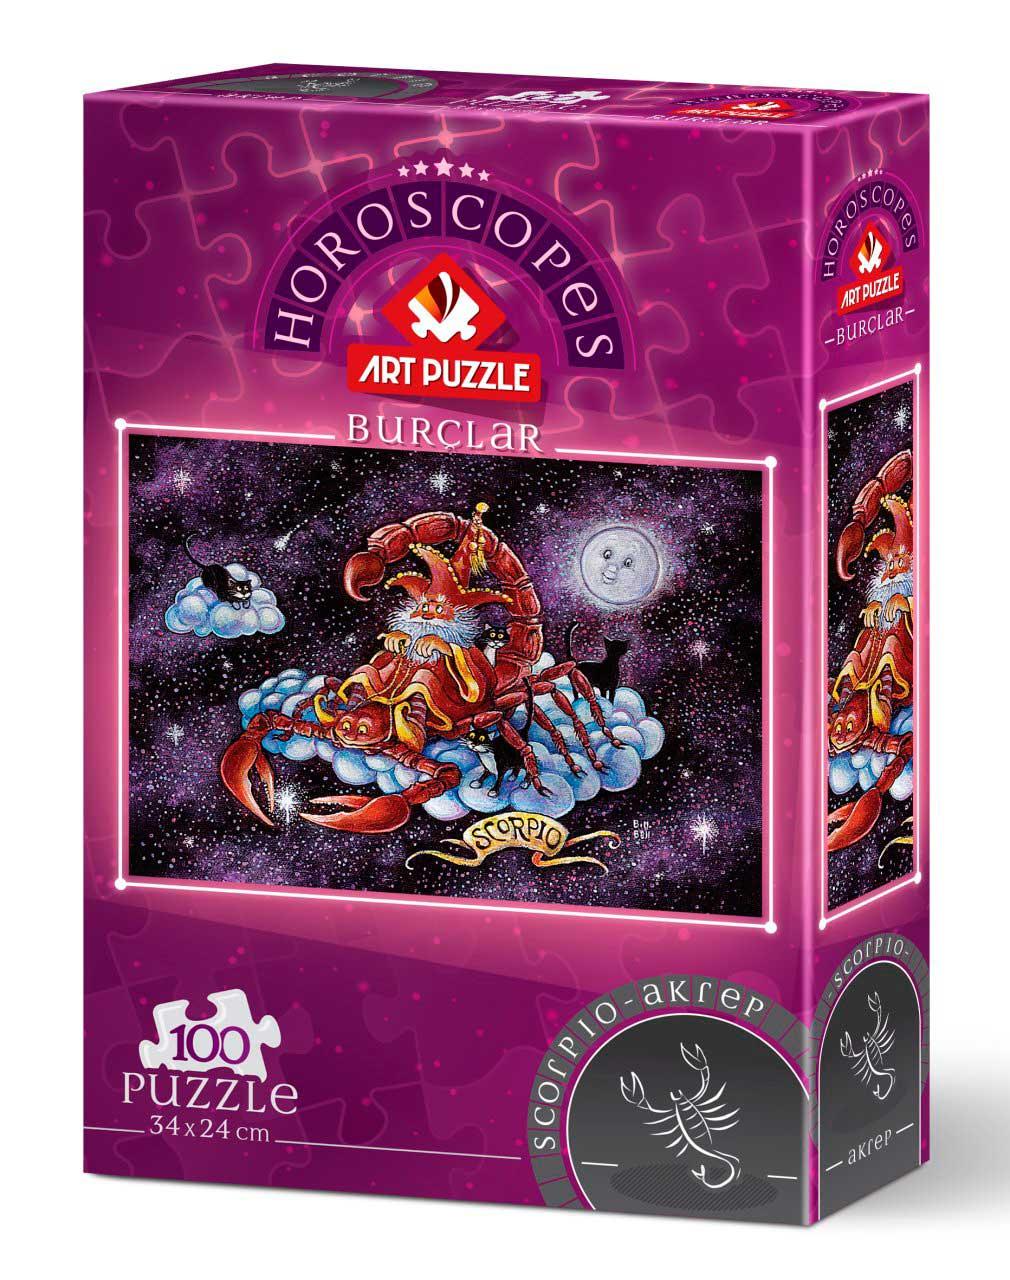 Puzzle Art Puzzle Horóscopo Escorpio de 100 Piezas